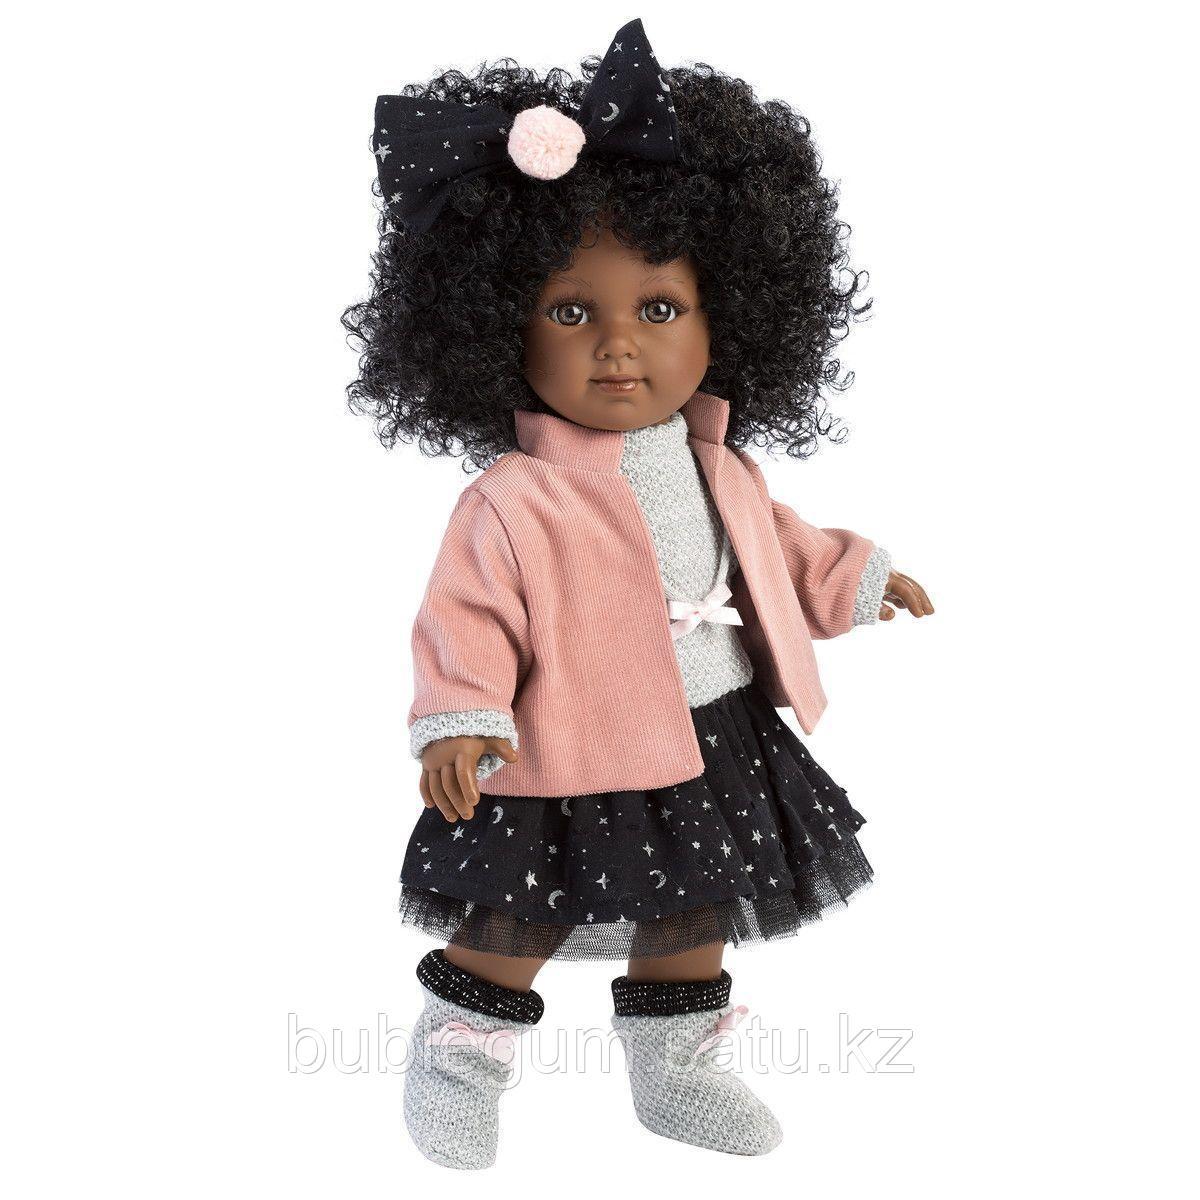 LLORENS:Кукла Зури 35см, мулатка в розовом жакете и черной кружевной юбке - фото 1